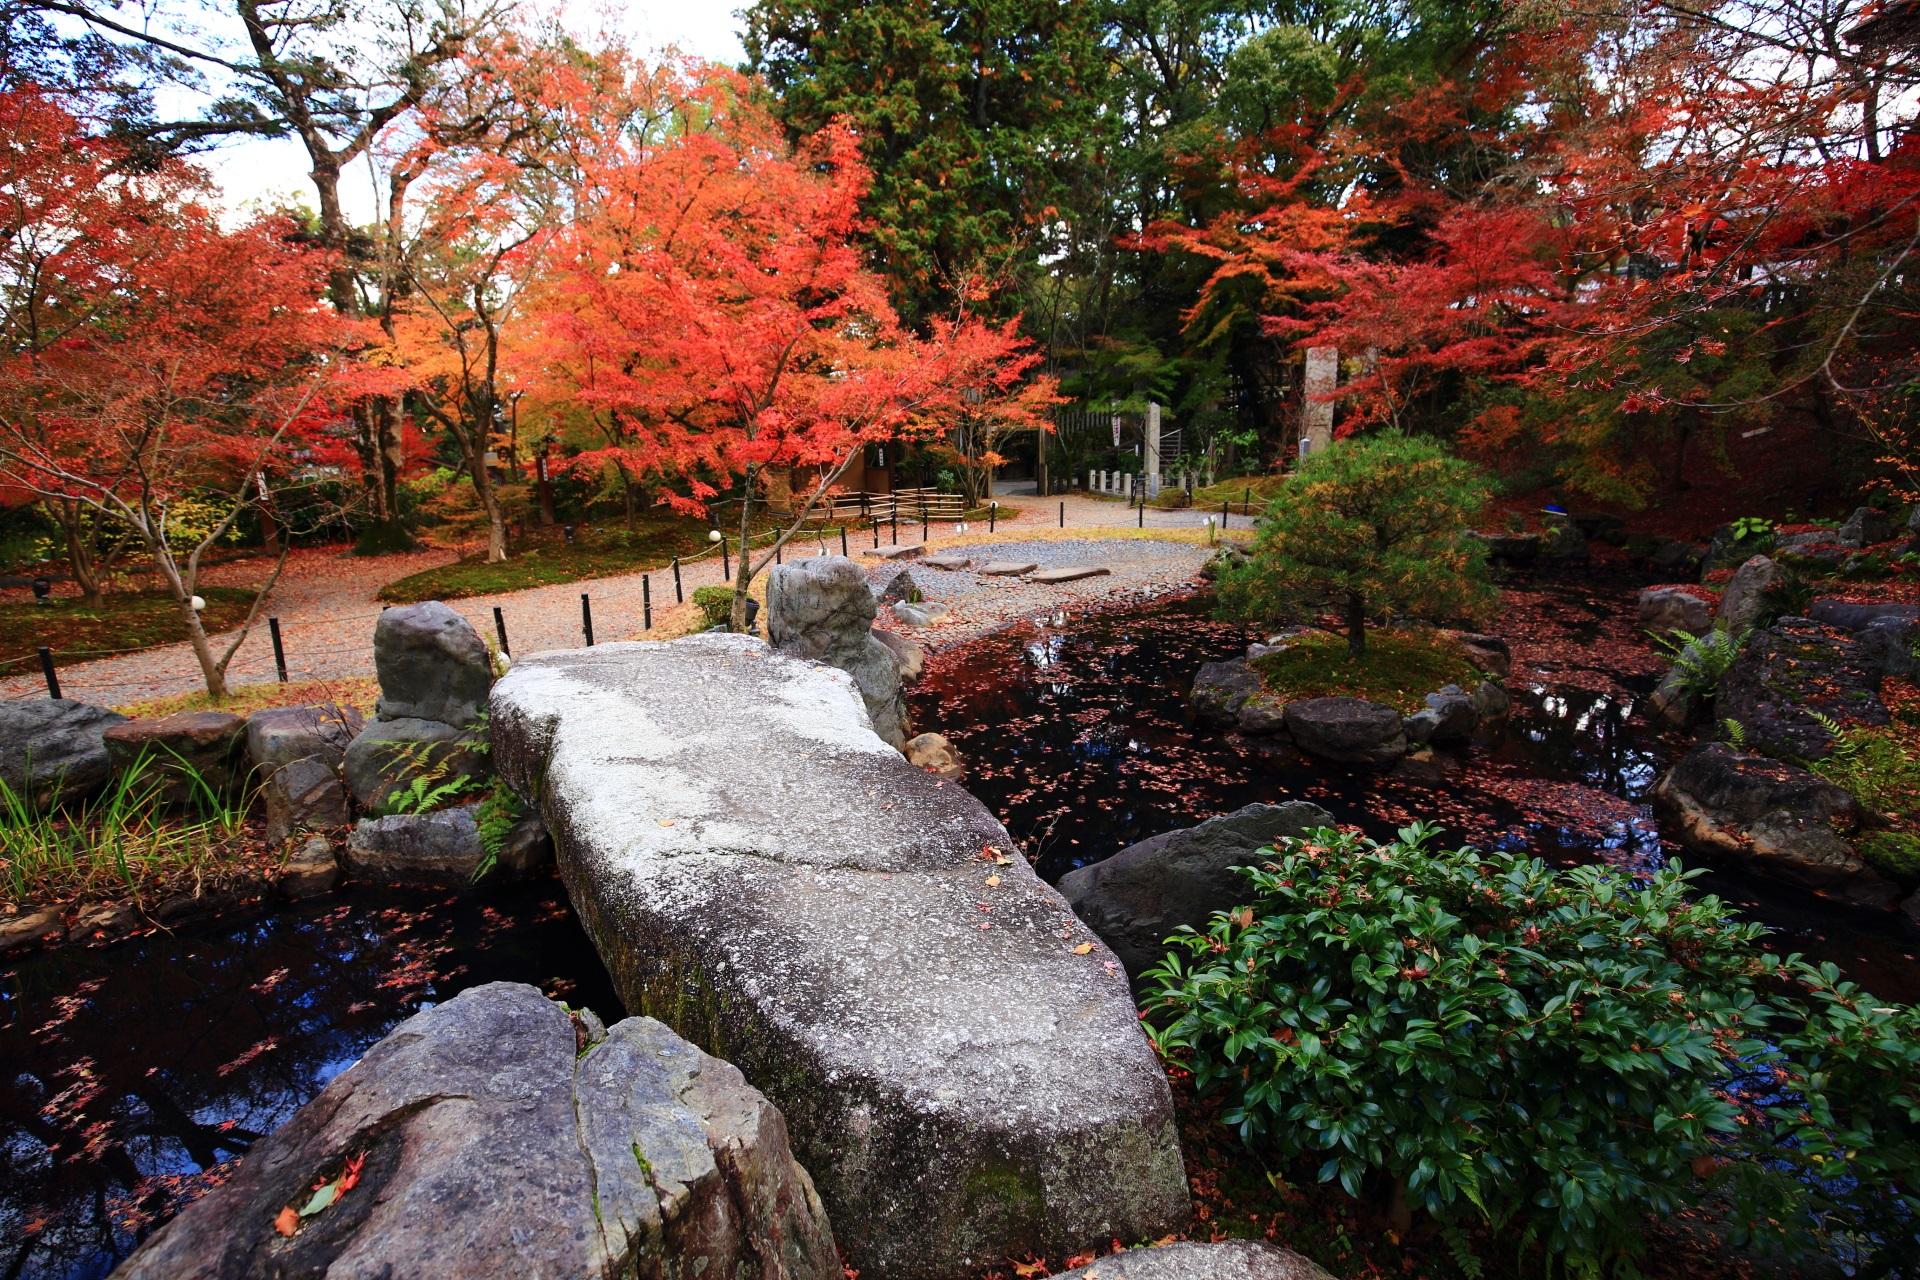 たくさんの力強い岩や刈り込みなどが配された錦景苑の池